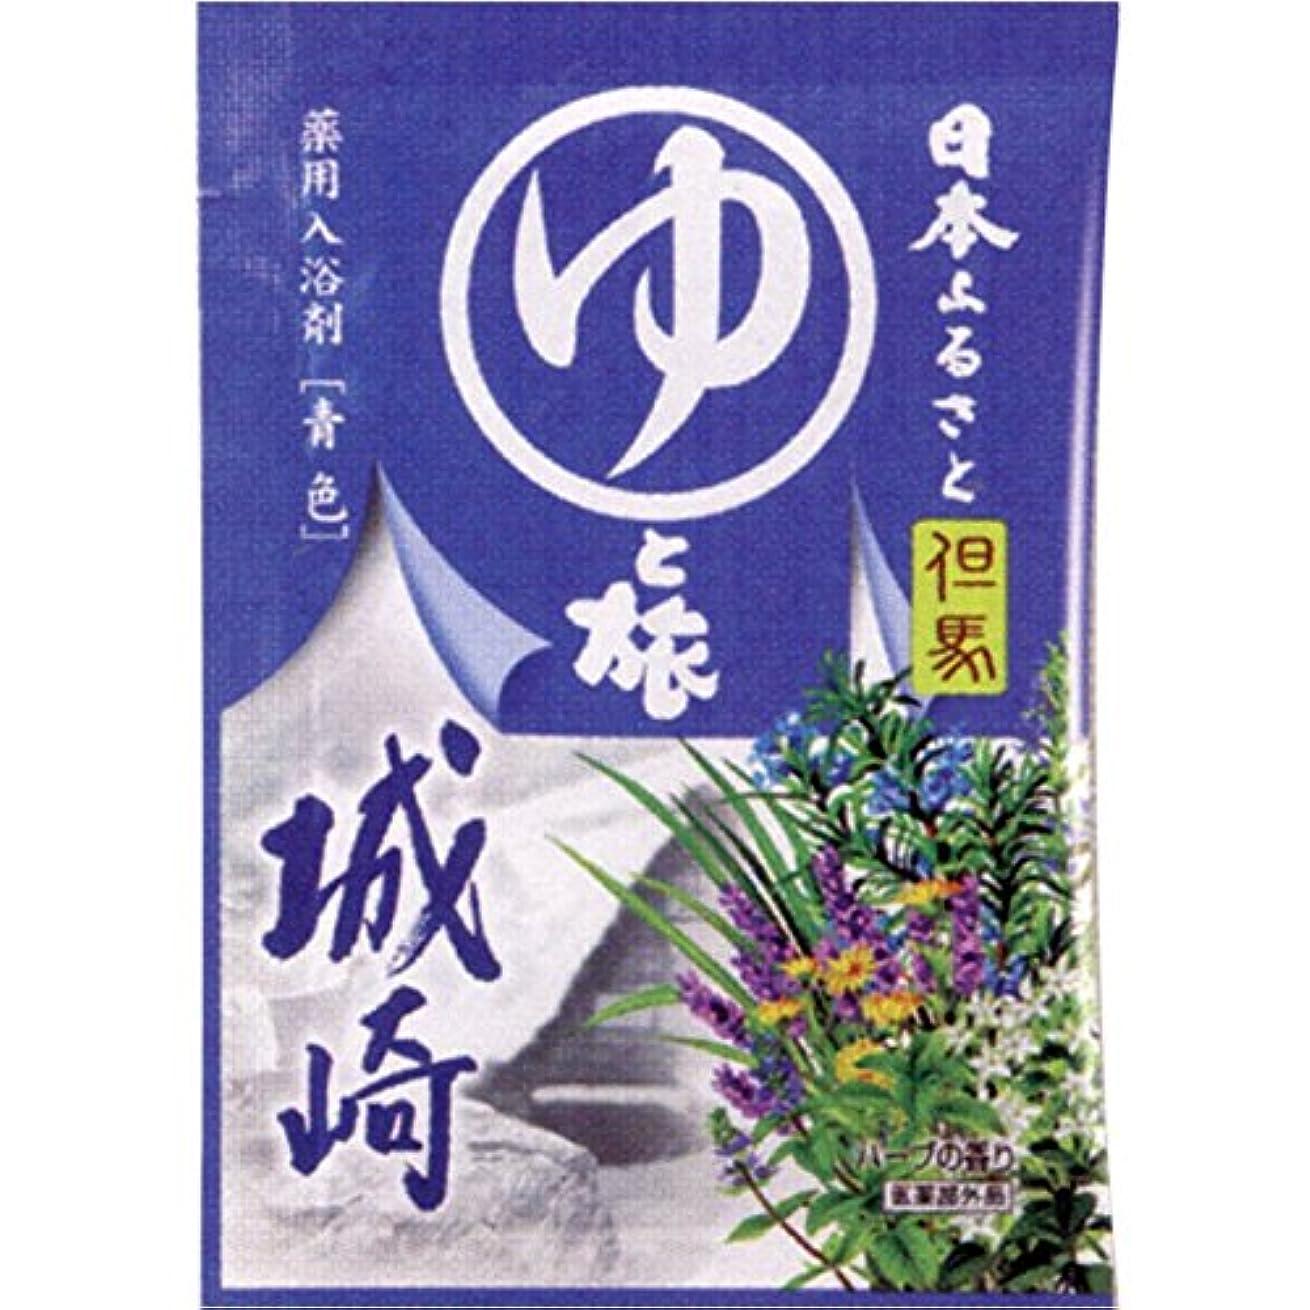 値下げお世話になったプランテーションヤマサキの入浴剤シリーズ 城崎(入浴剤)